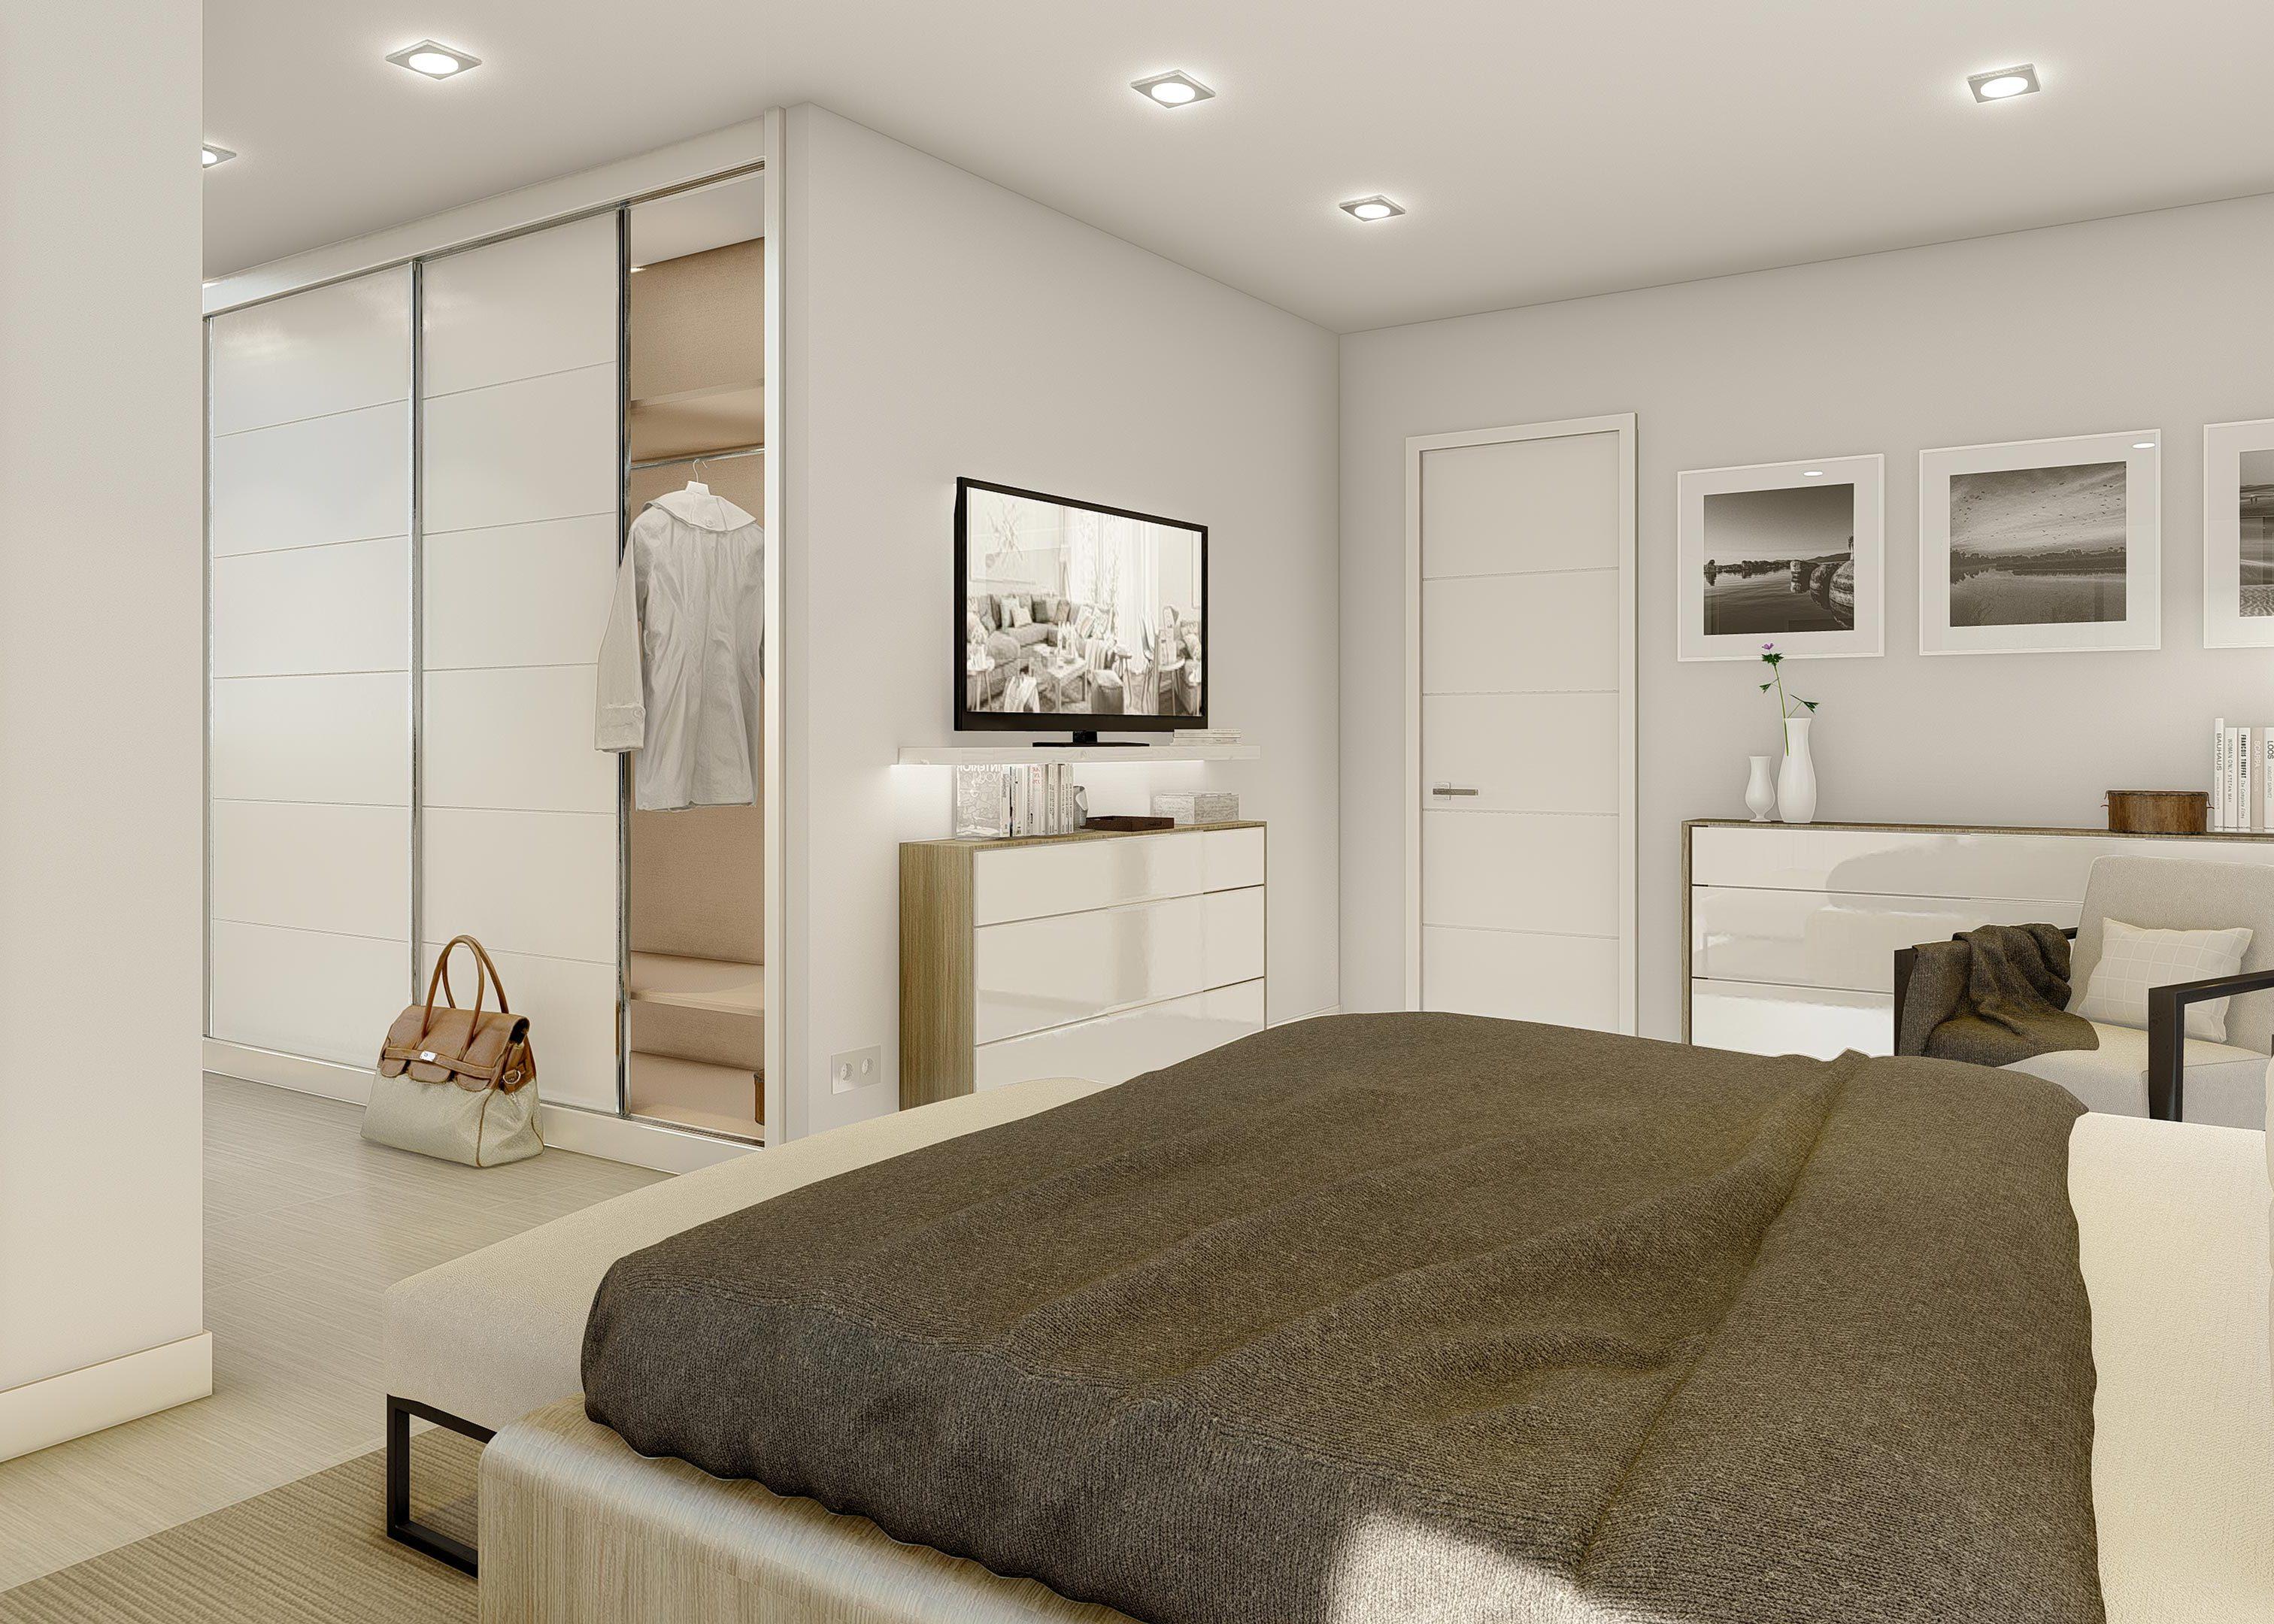 villas-navalcarnero-dormitorio-2